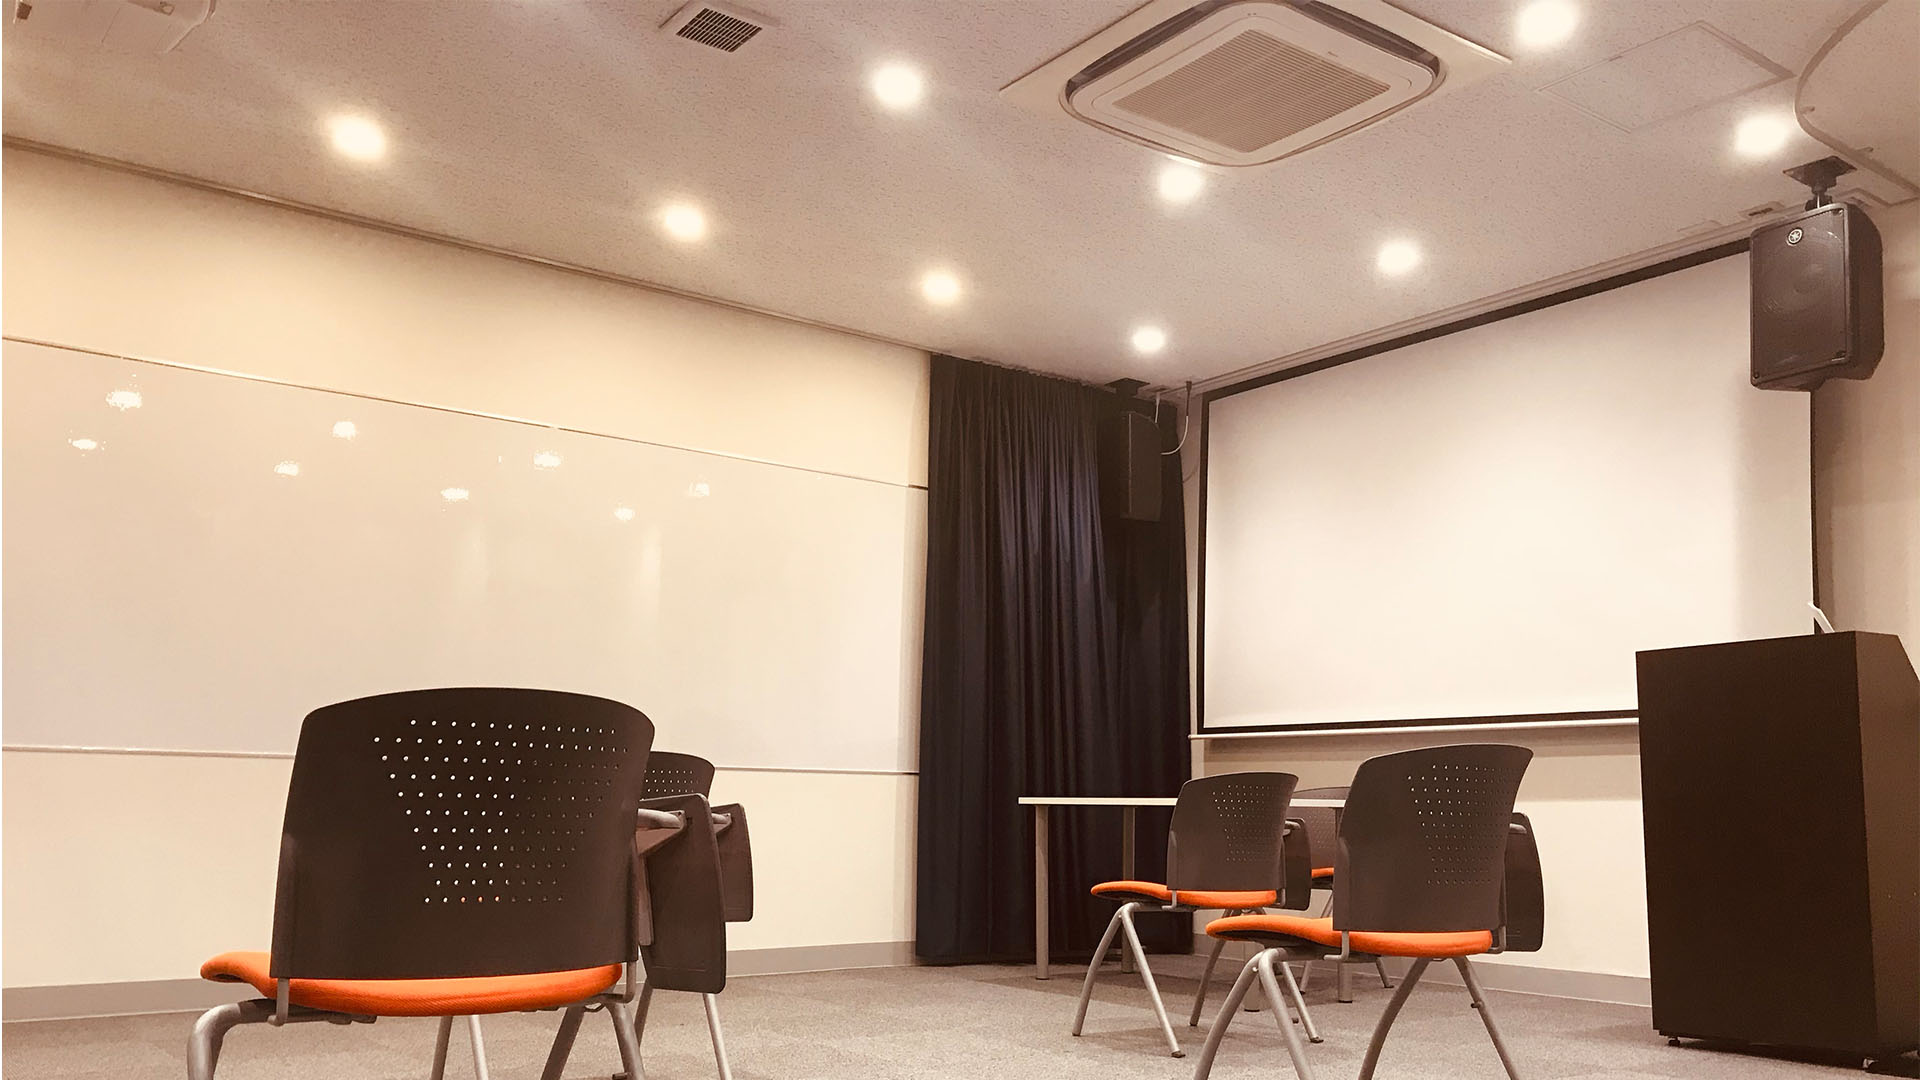 設備が充実◎ 広々としているため、様々なレイアウトでご利用いただけます。 - STUDIOLOVOXUMEDA 多目的スペースの室内の写真